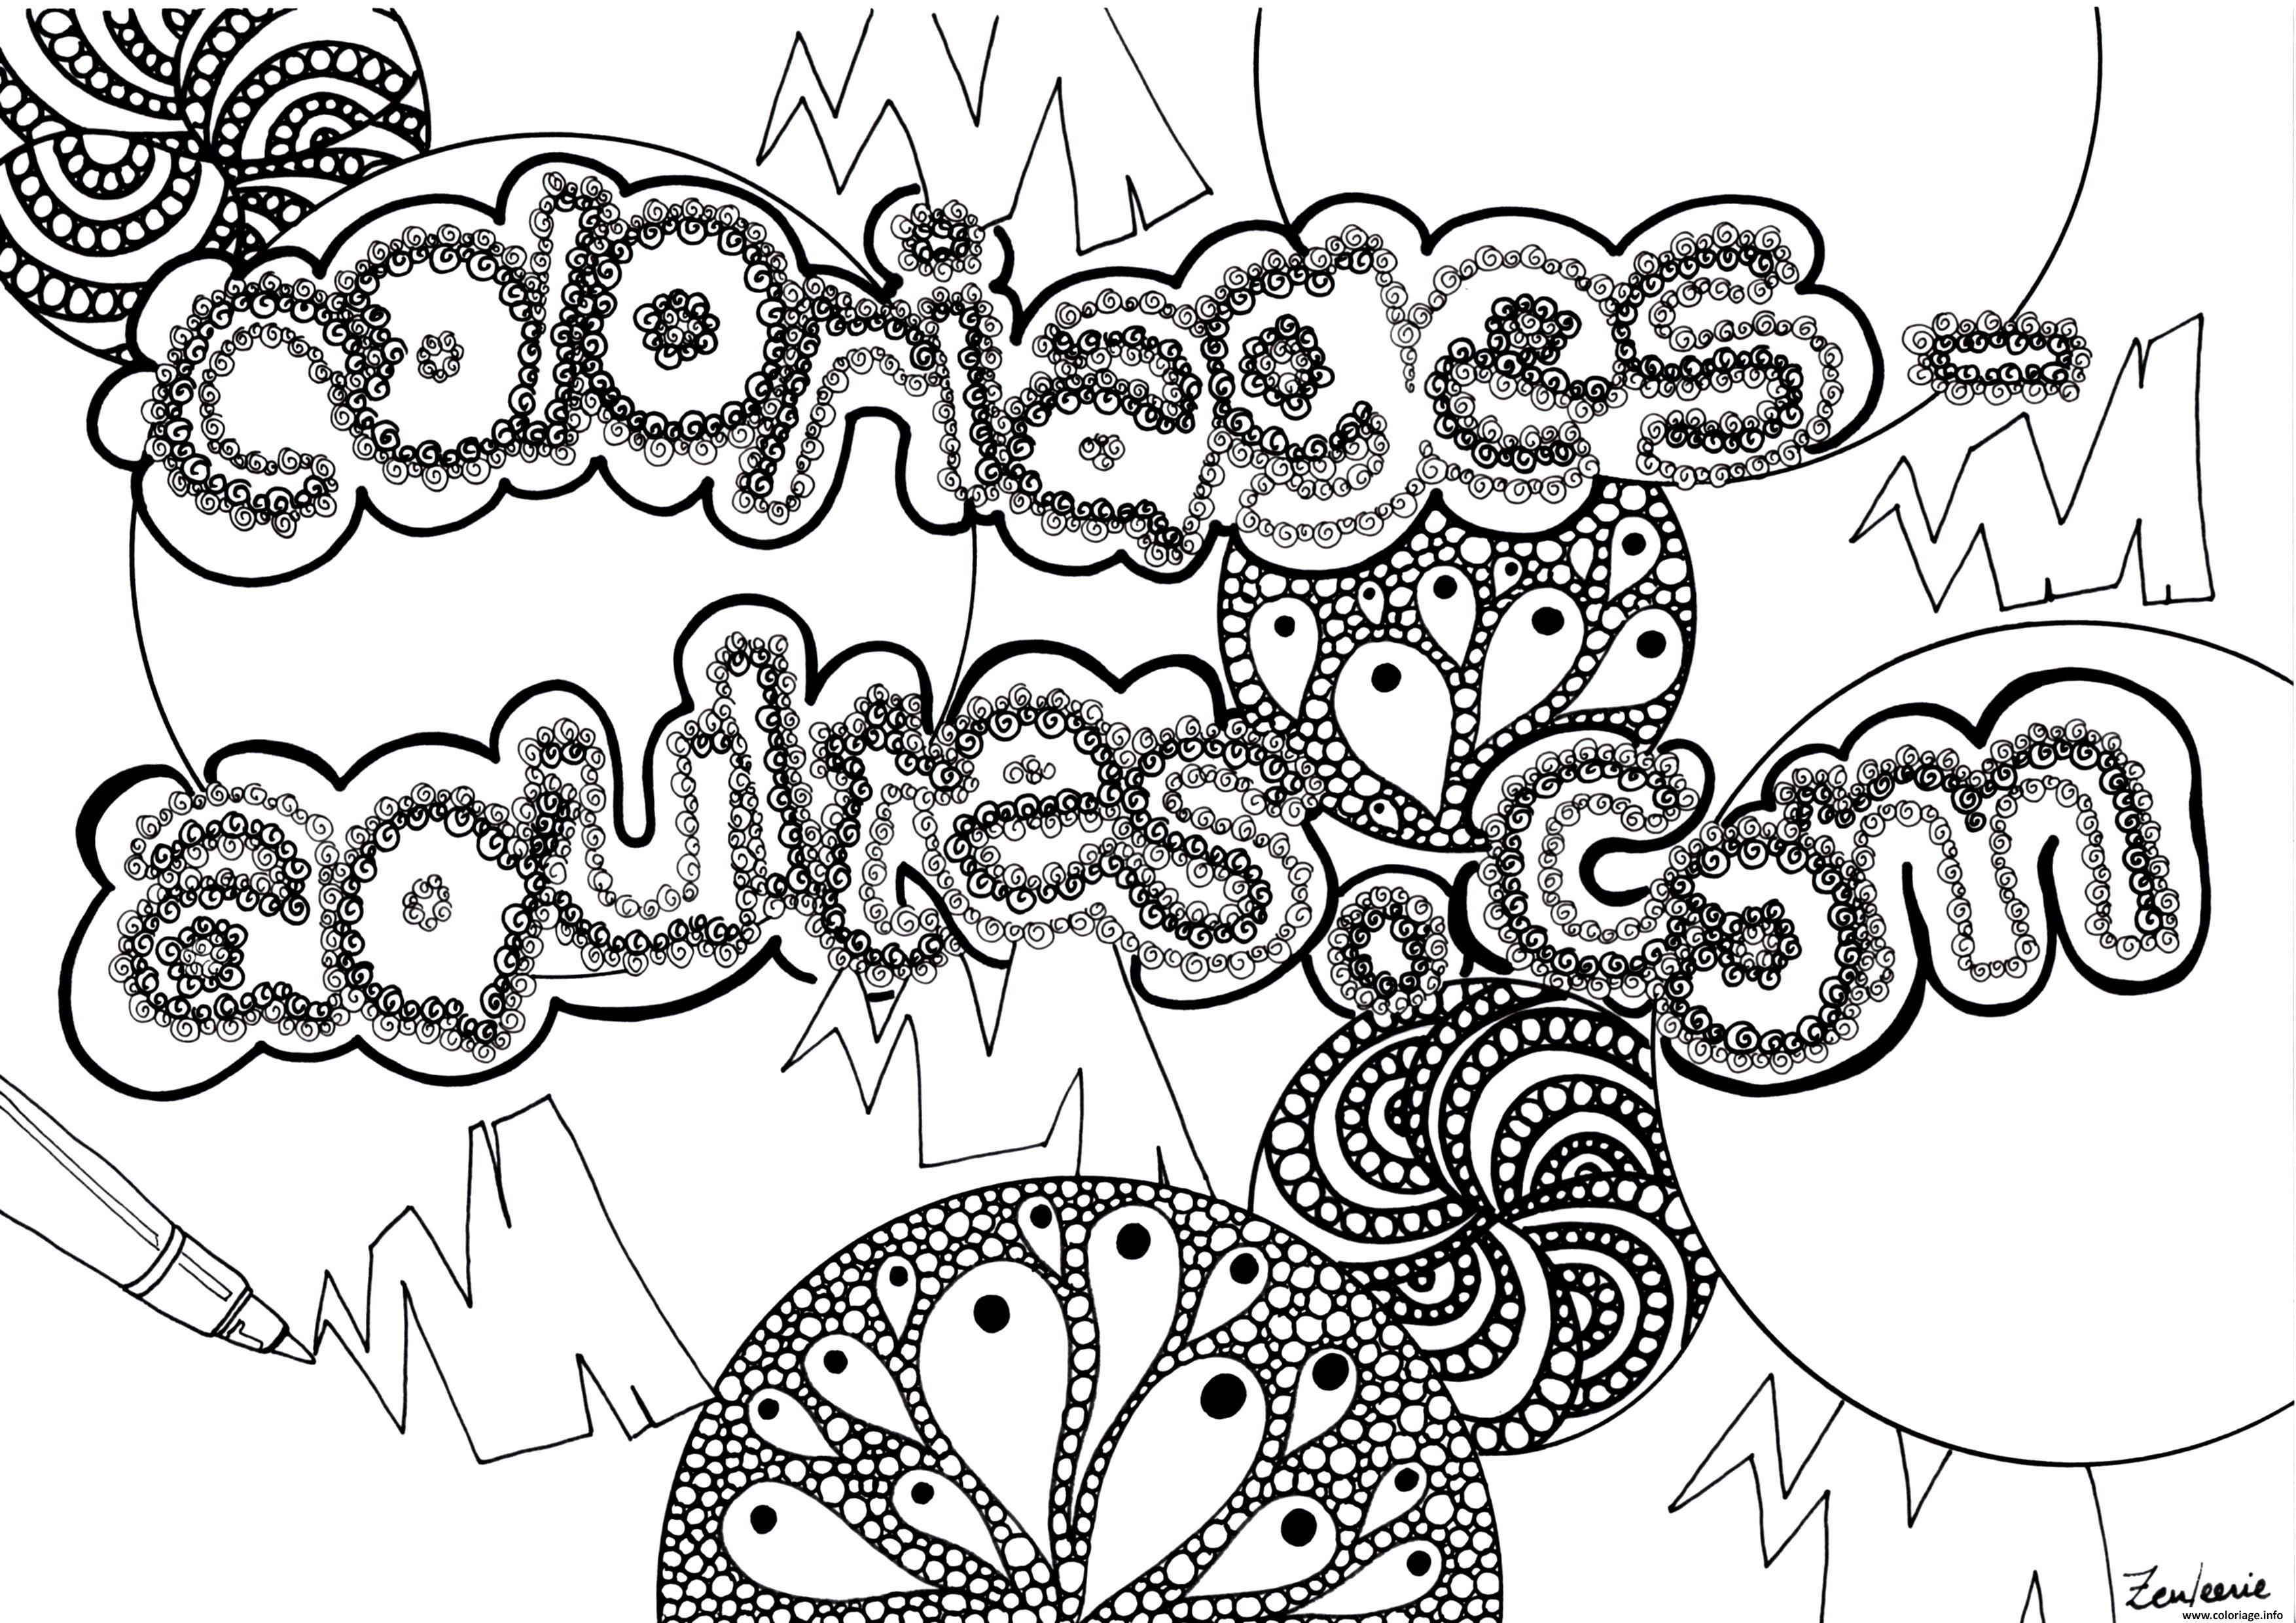 Dessin adulte coloriagesadultees by zenfeerie Coloriage Gratuit à Imprimer